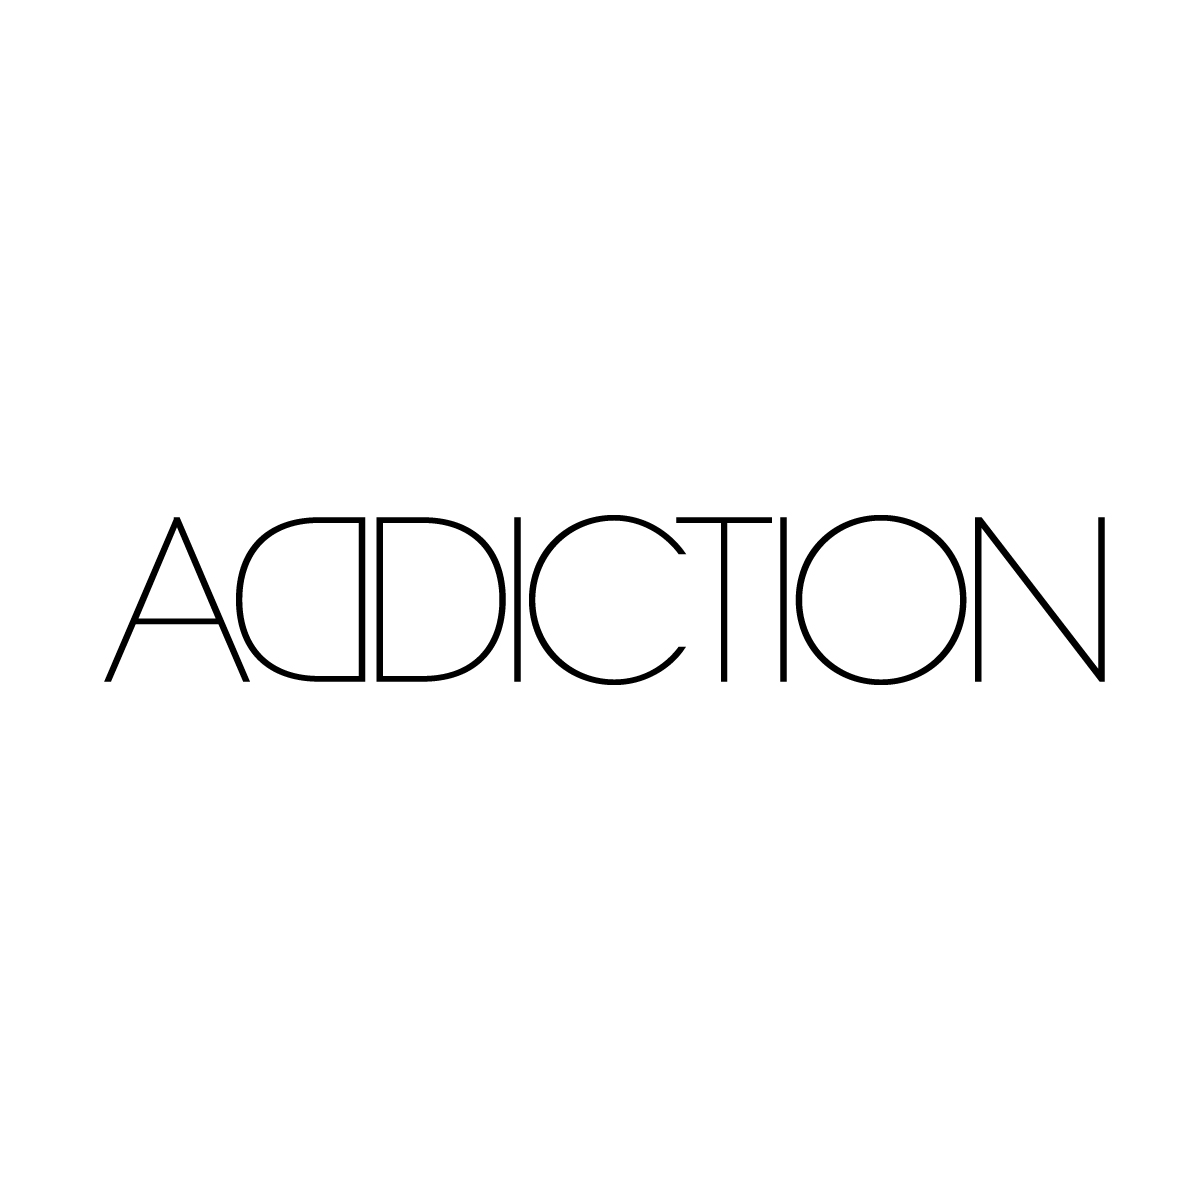 Addiction